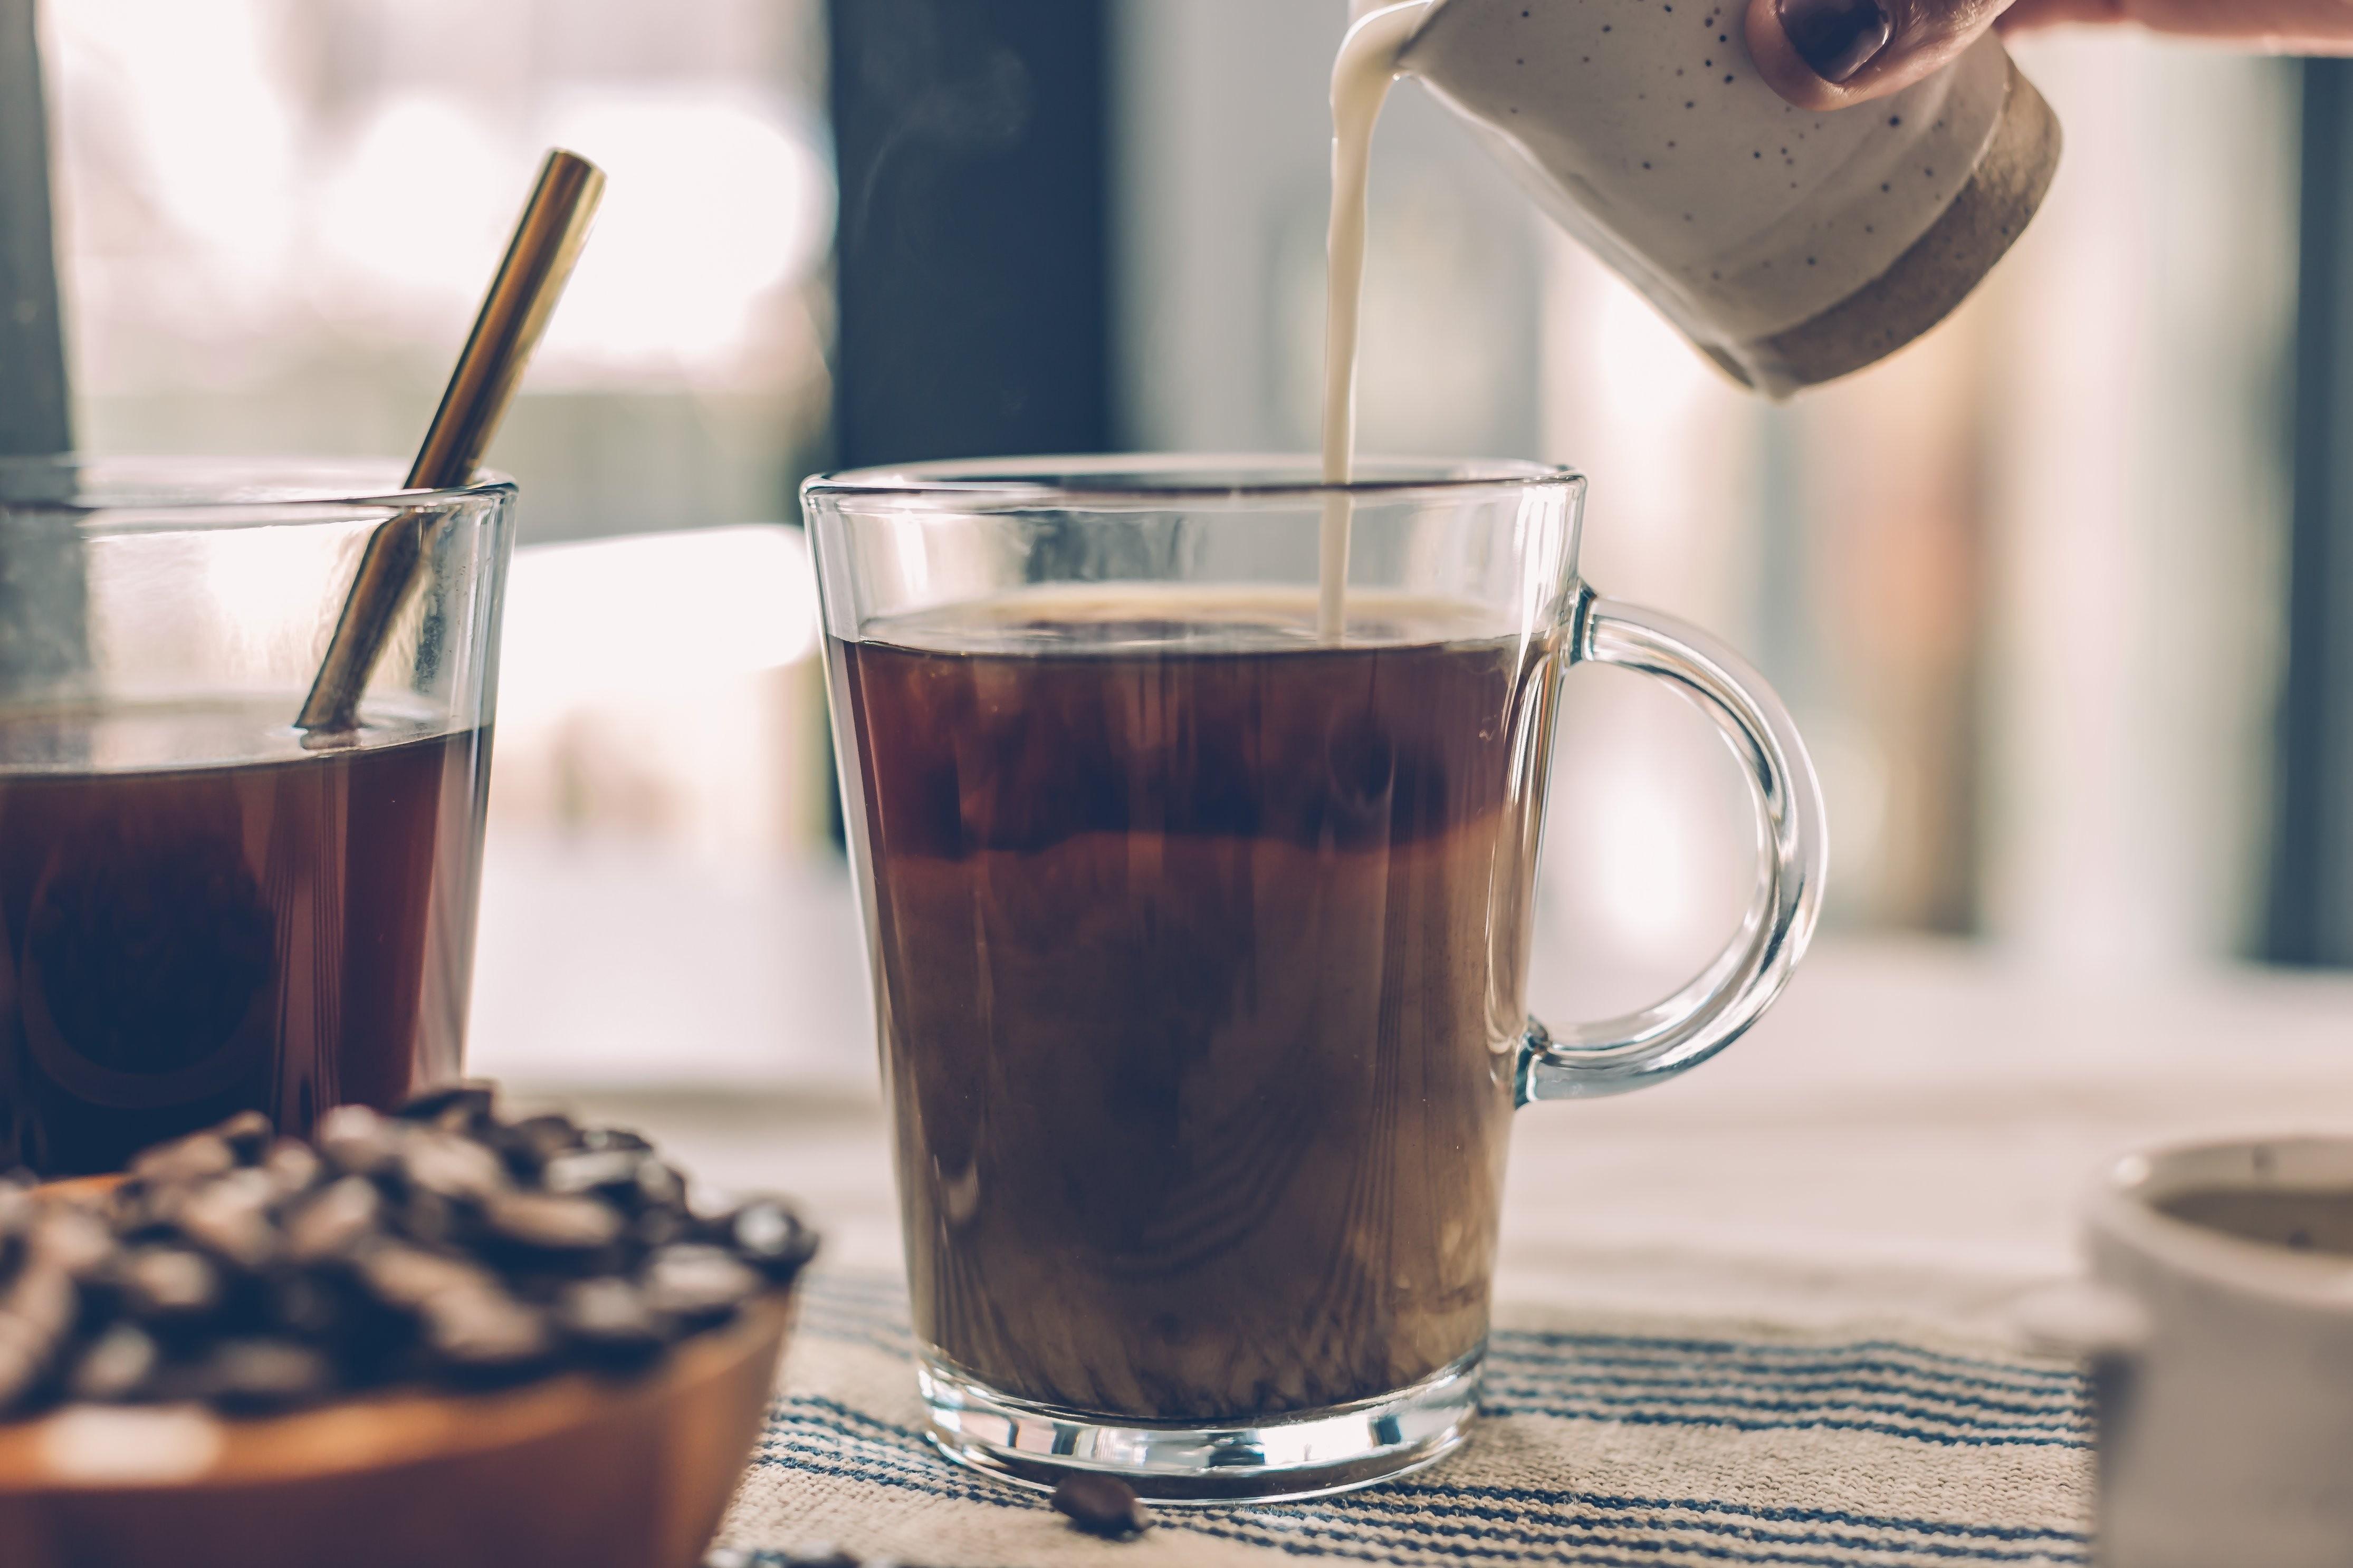 咖啡,飲料,下午茶店,餐廳,下午茶(圖/取自免費圖庫stocksnap)